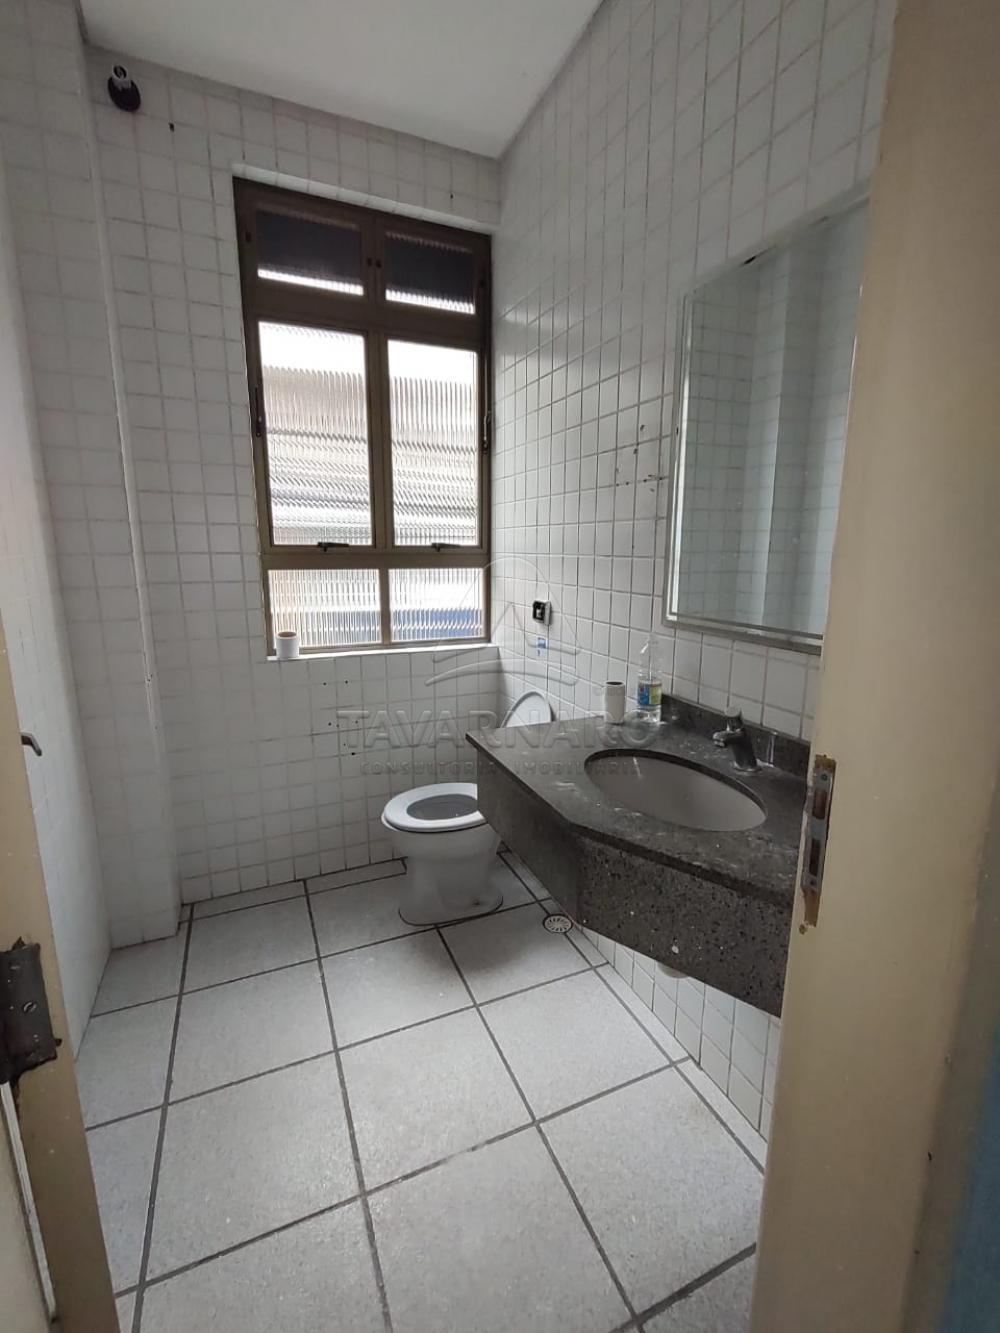 Alugar Comercial / Sala em Ponta Grossa R$ 5.142,00 - Foto 6